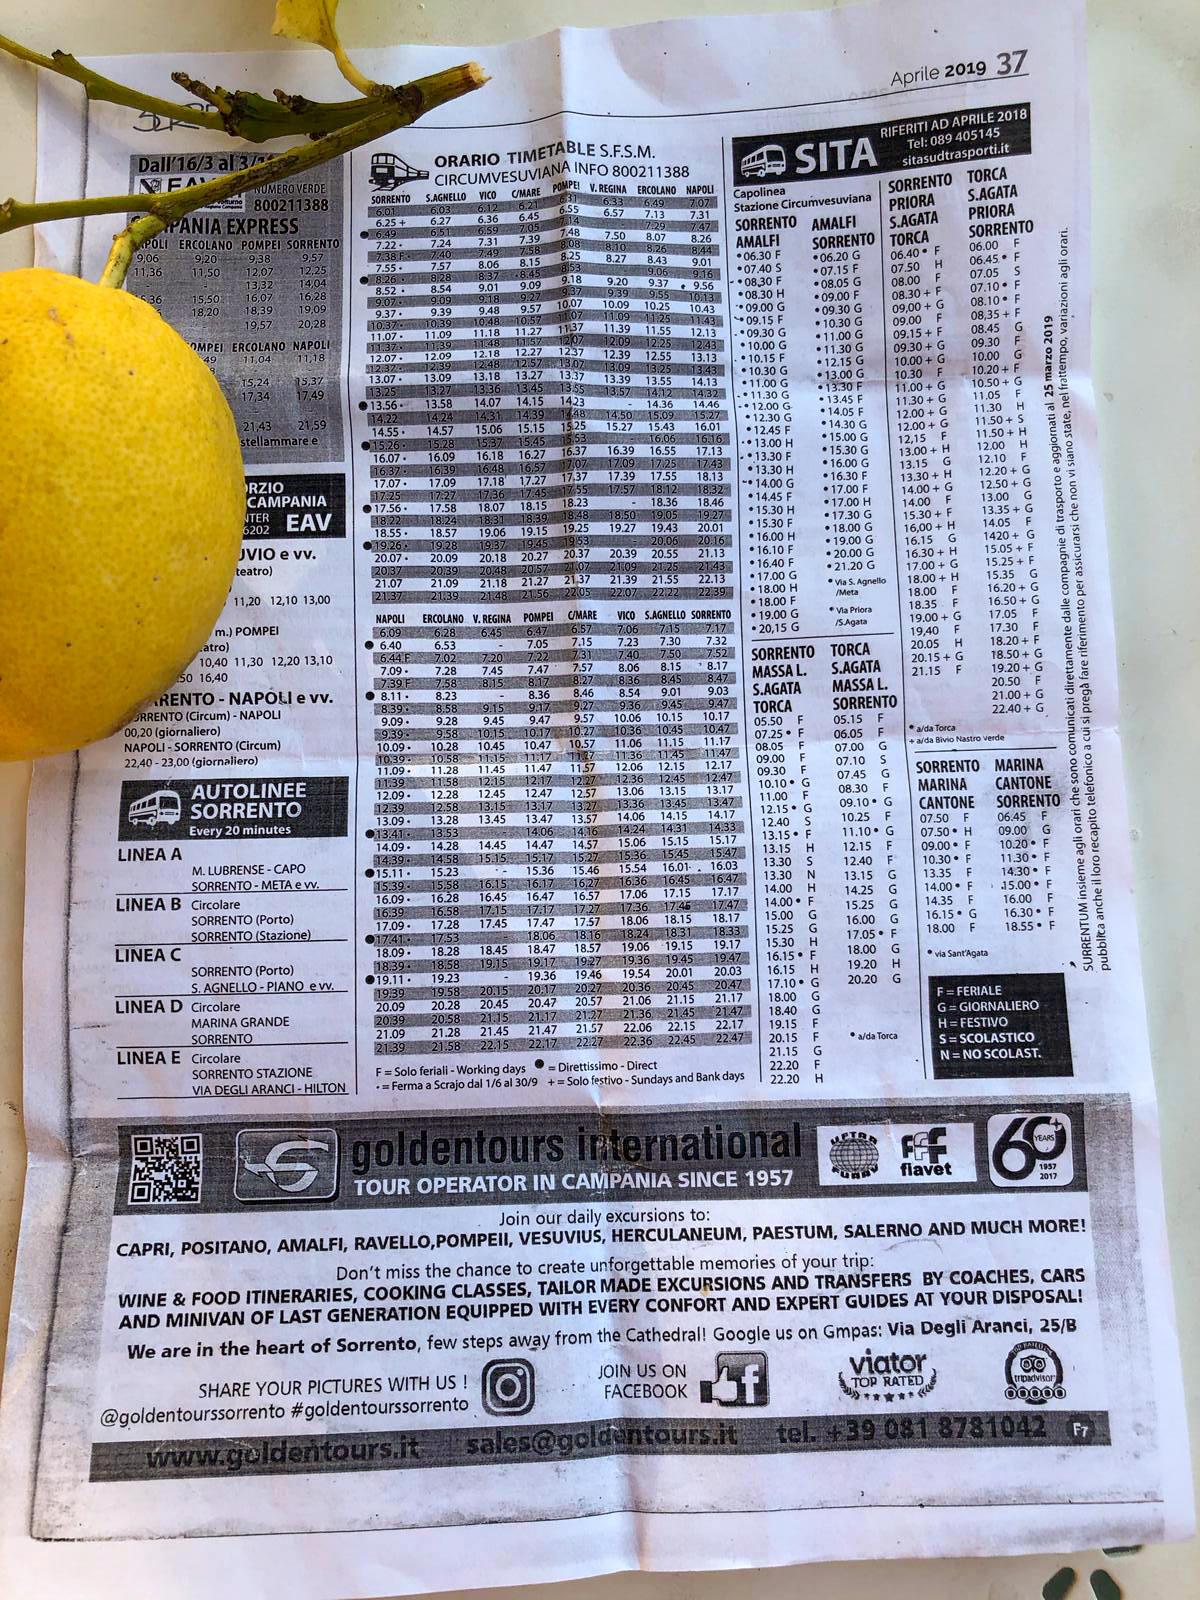 Fahrplan für Touristen: Hoffen, dass der Bus kommt (Foto: Uwe Krist)